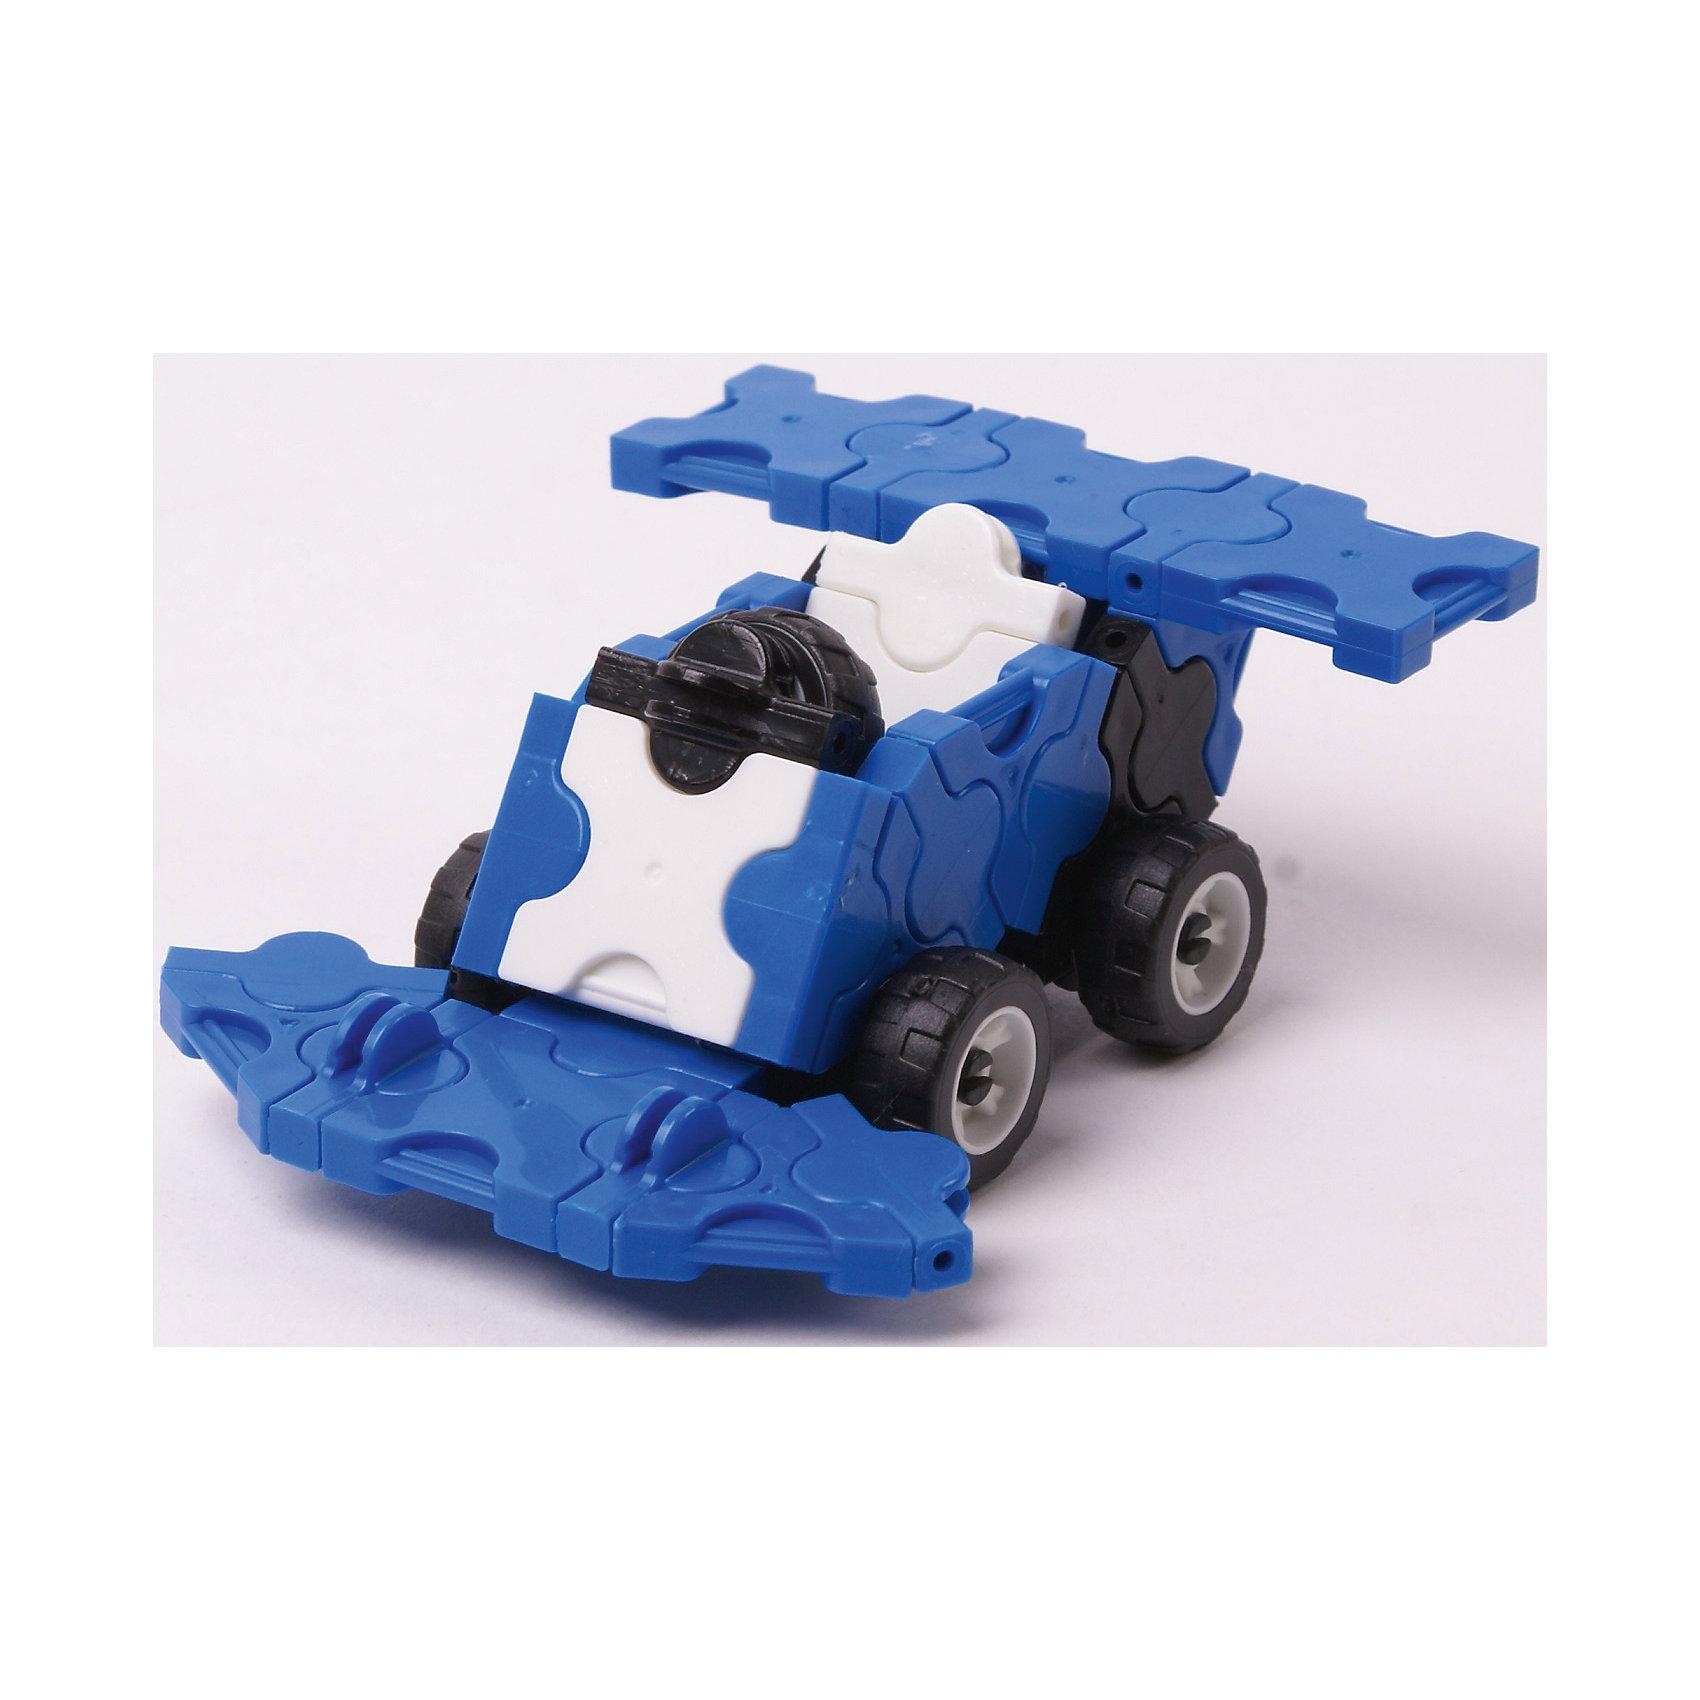 - Конструктор Автомобиль Спорткар синий, AVToys купить автомобиль в москве с расходом топлива до 5л 100км